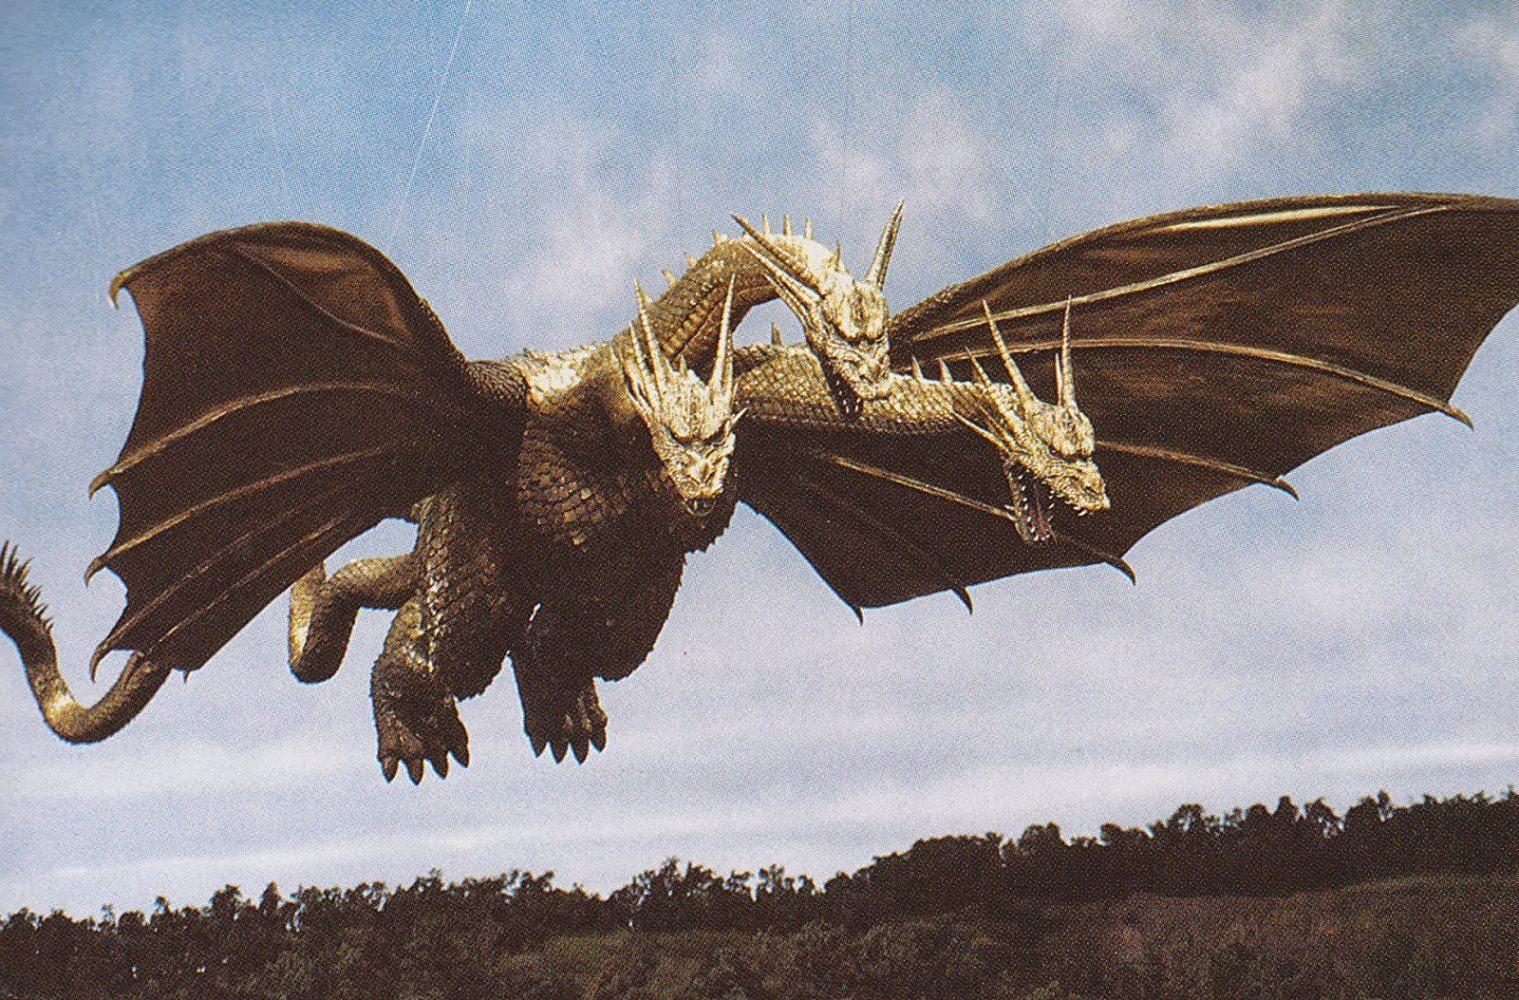 Jason Liles de Rampage interpretando al Rey Ghidorah en Godzilla: King of the Monsters